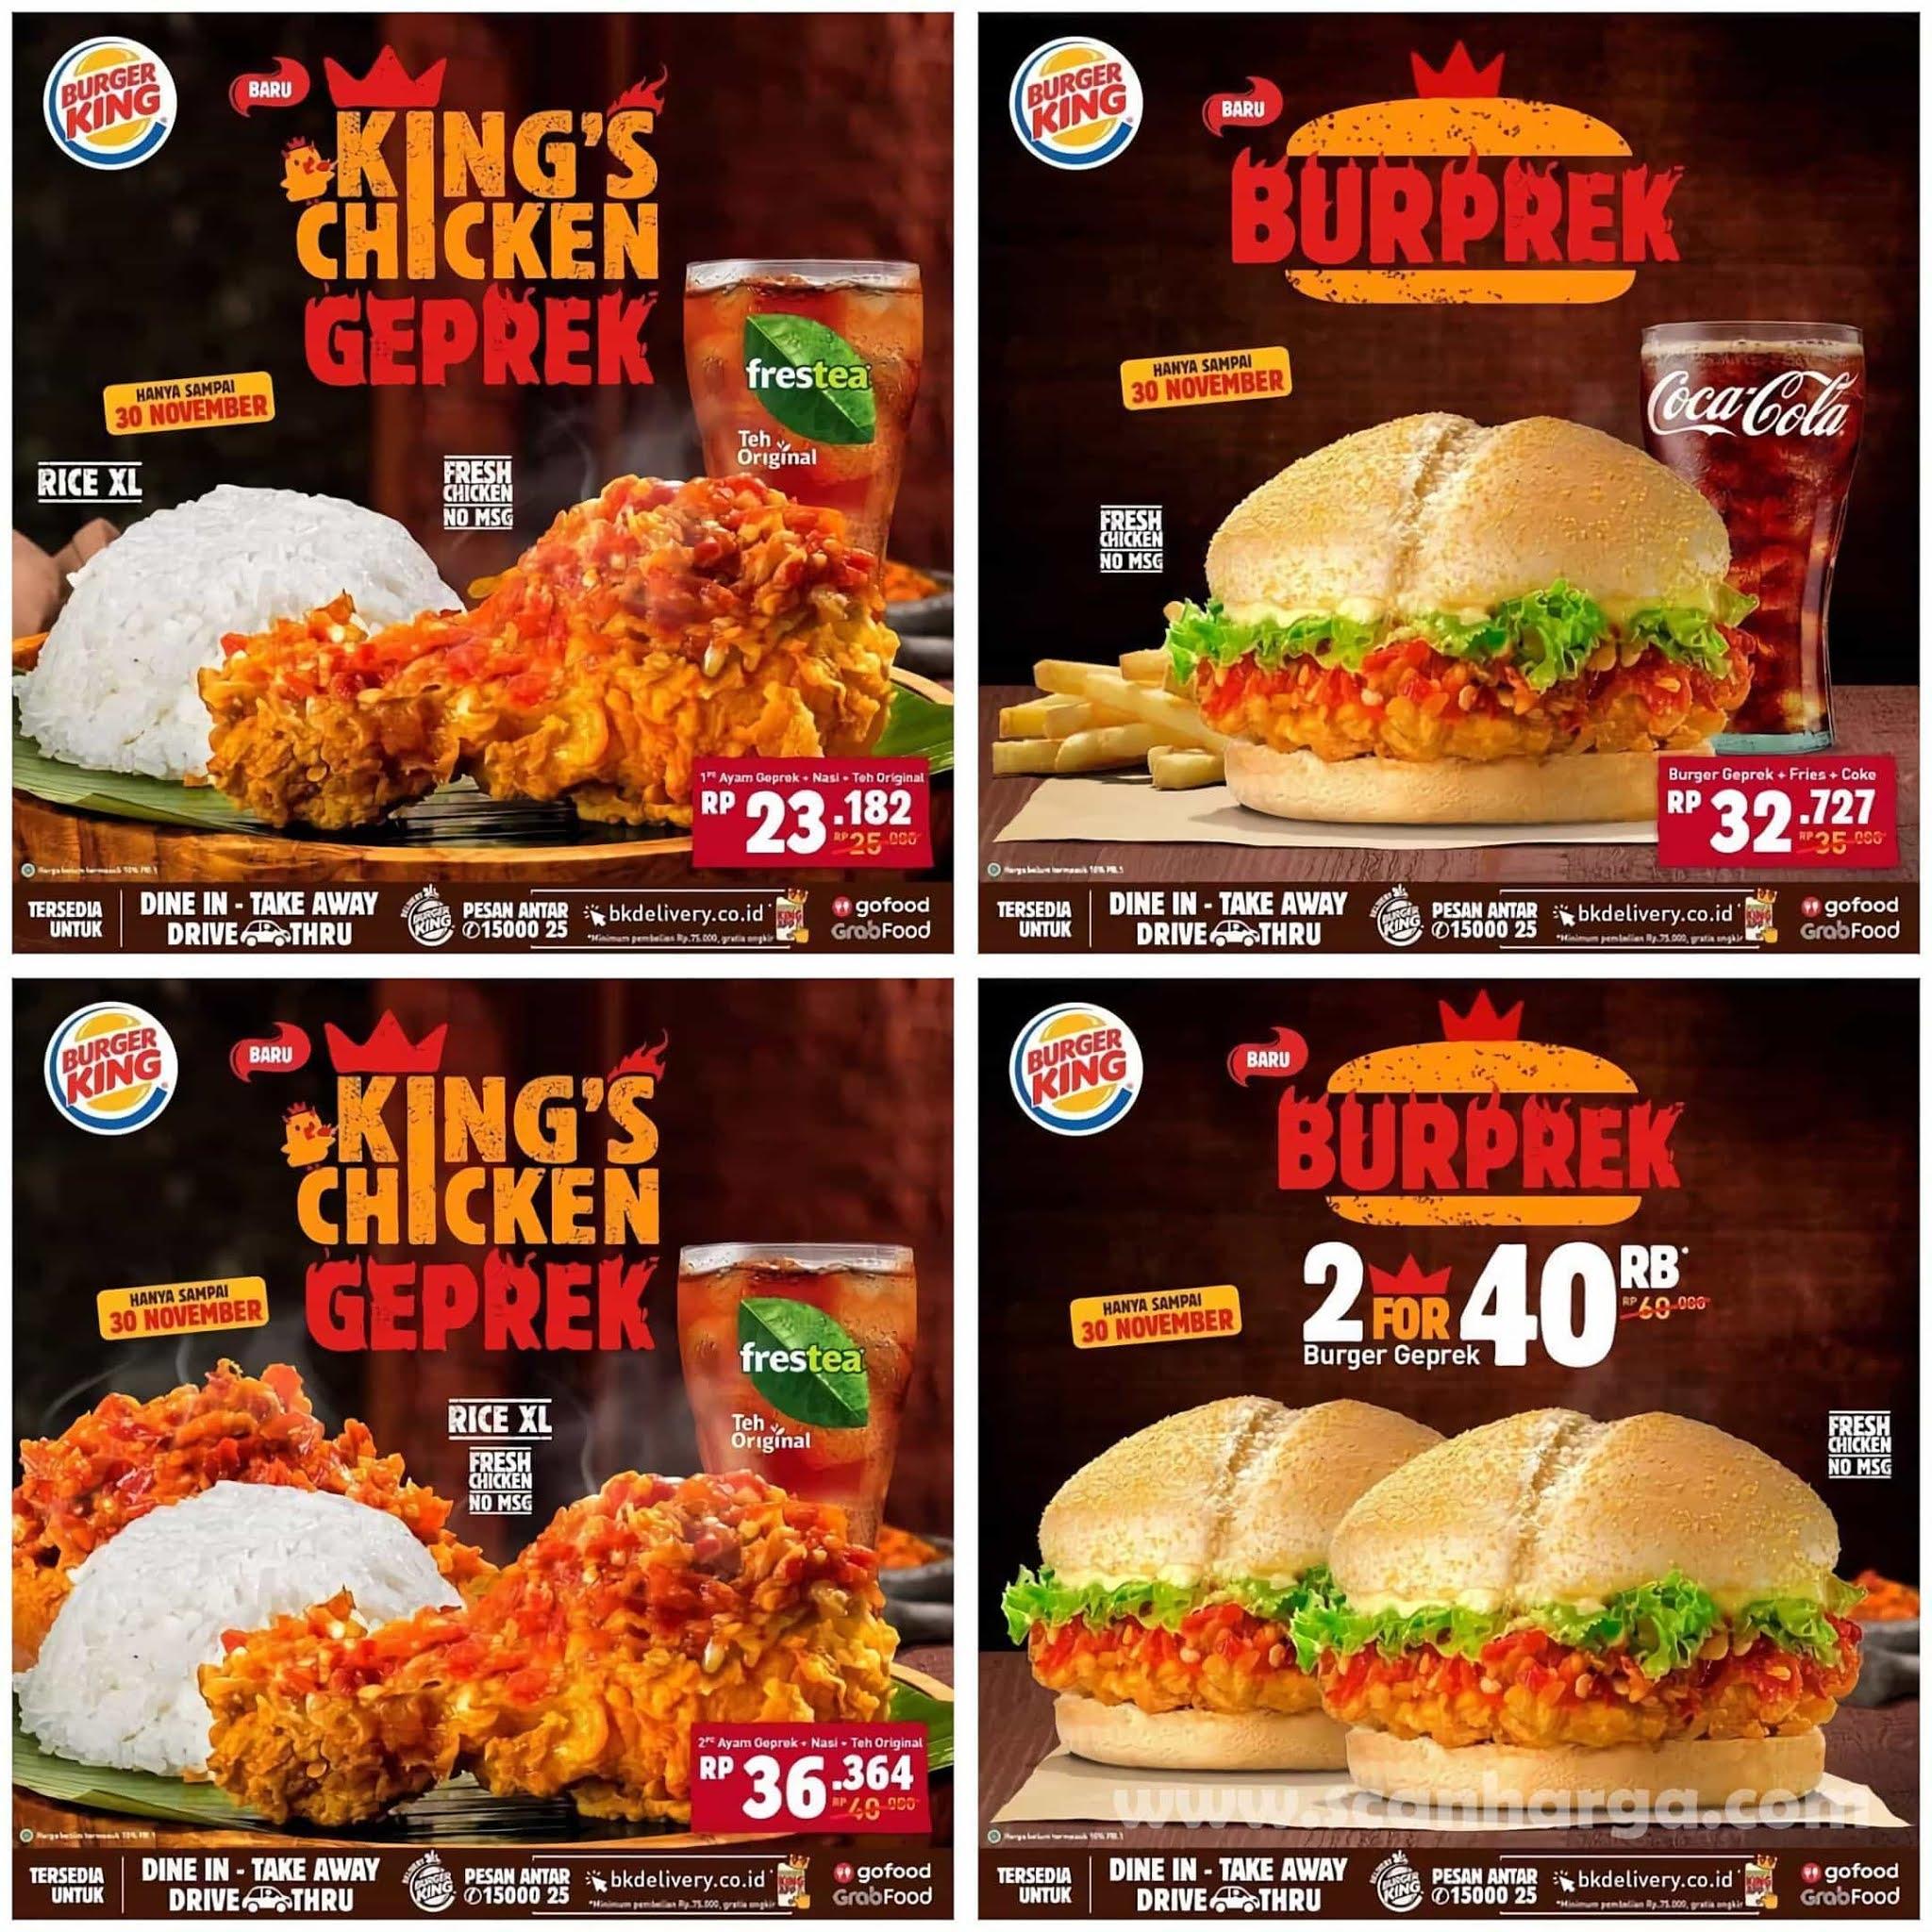 Burger King BUPREK & CHICKEN GEPREK mulai dari Rp 23.182,- hingga 30 November 2020 2